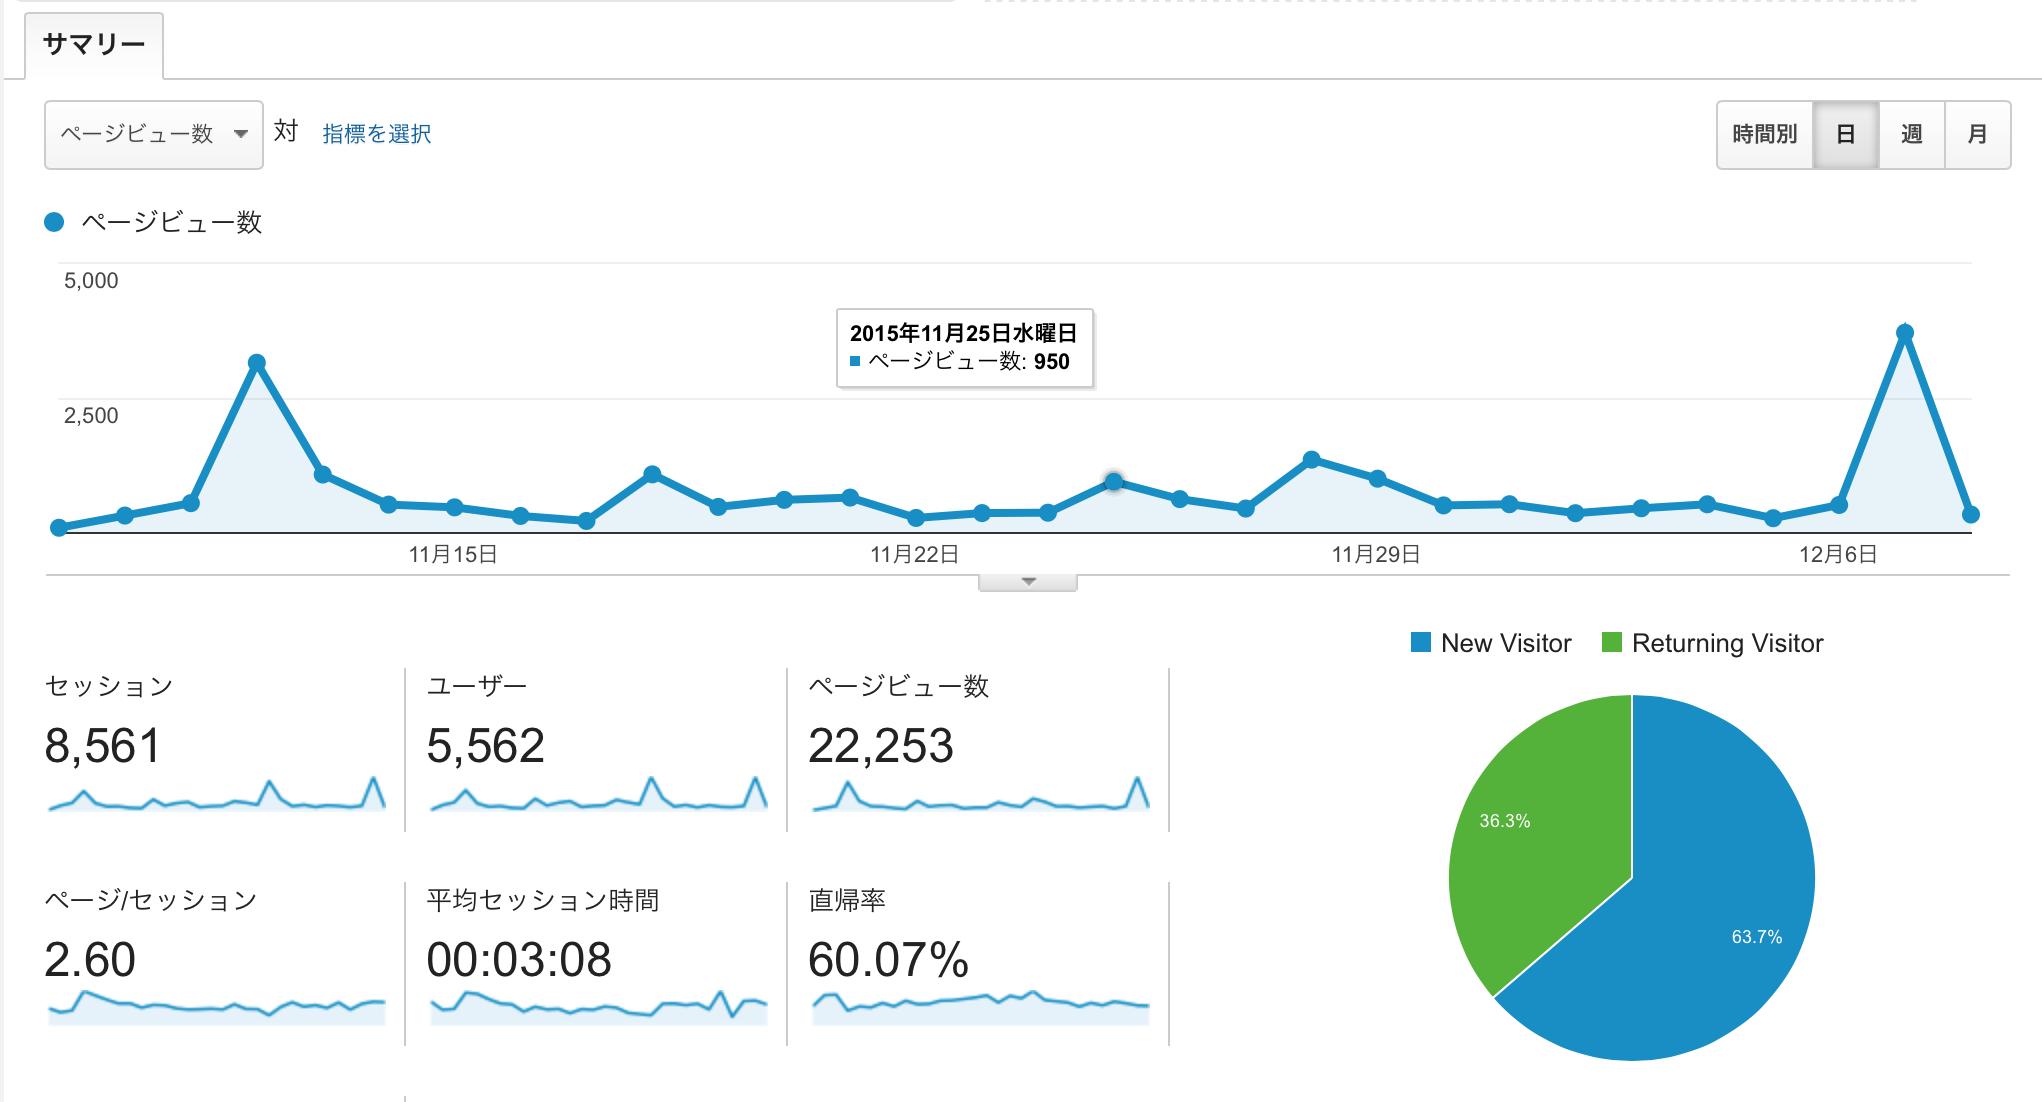 スクリーンショット 2015-12-08 10.24.58